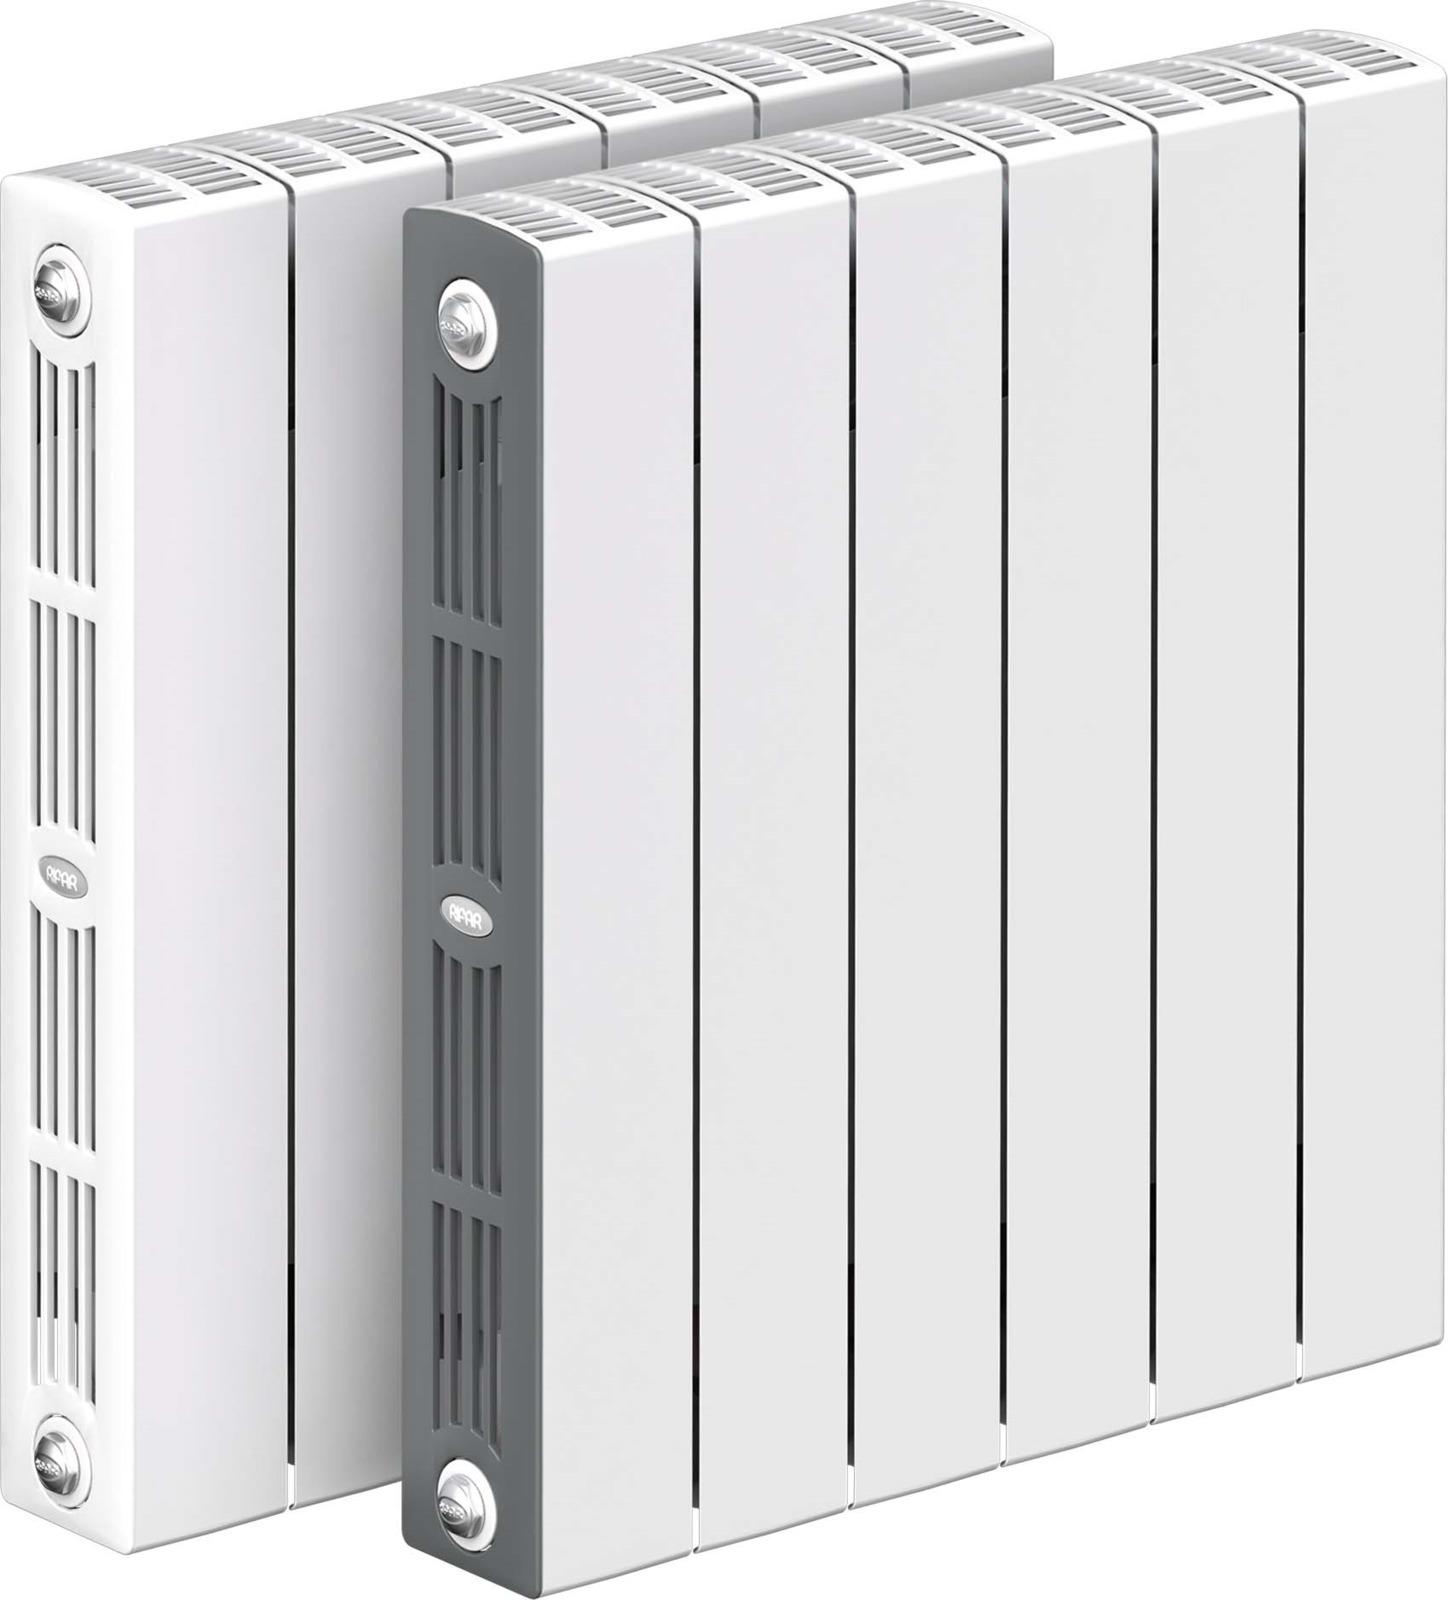 Секционный радиатор Rifar Supremo 350, биметаллический, RIFAR S 350-4, белый, 4 секции радиатор отопления rifar base 350 4 секции